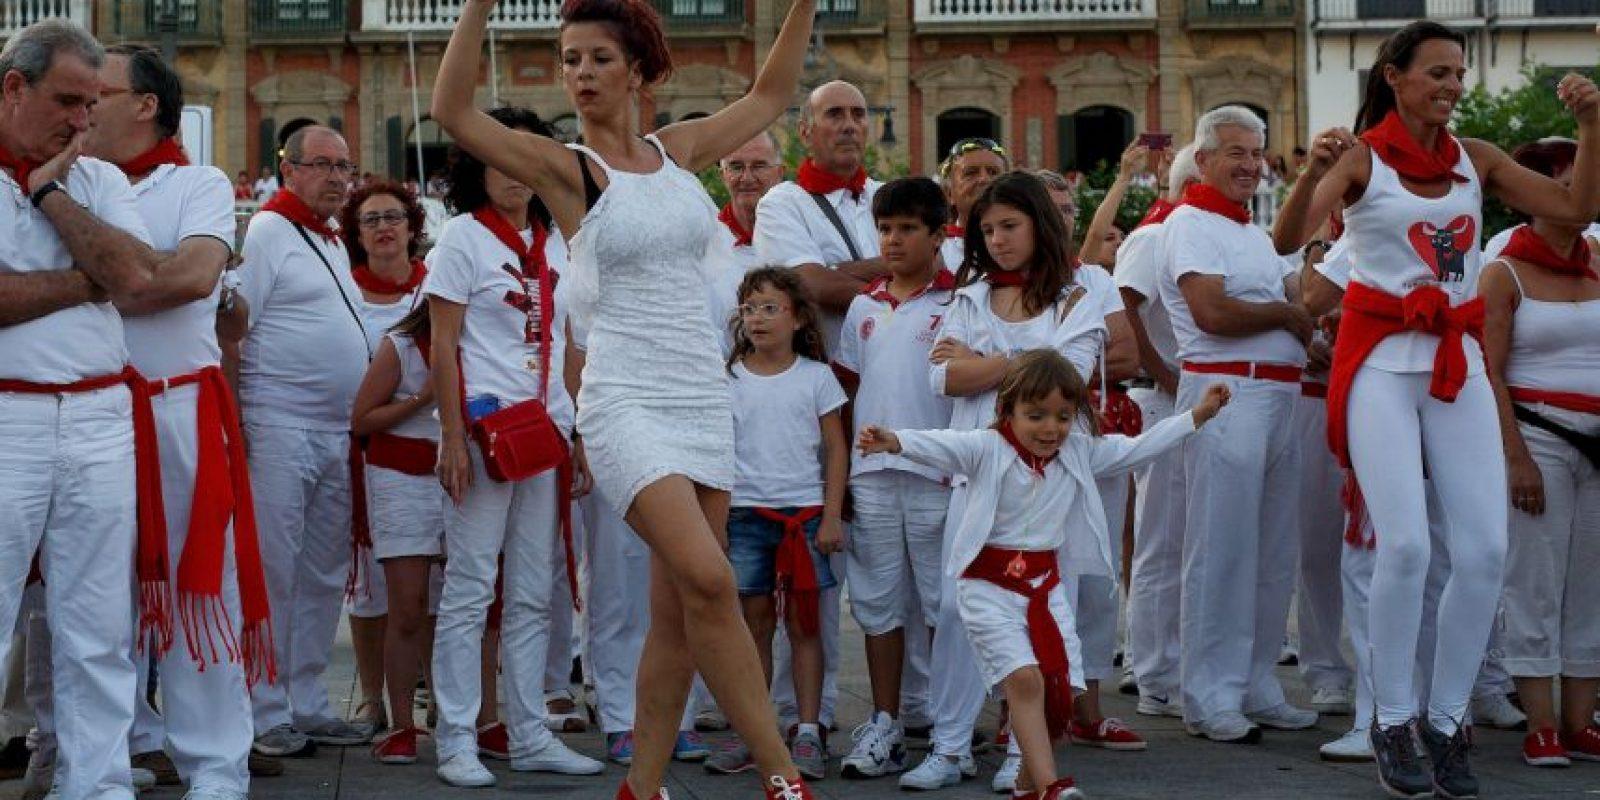 Minutos antes de las ocho horas, los mozos se congregan para pedirle a San Fermín en forma de canción Foto:Getty Images